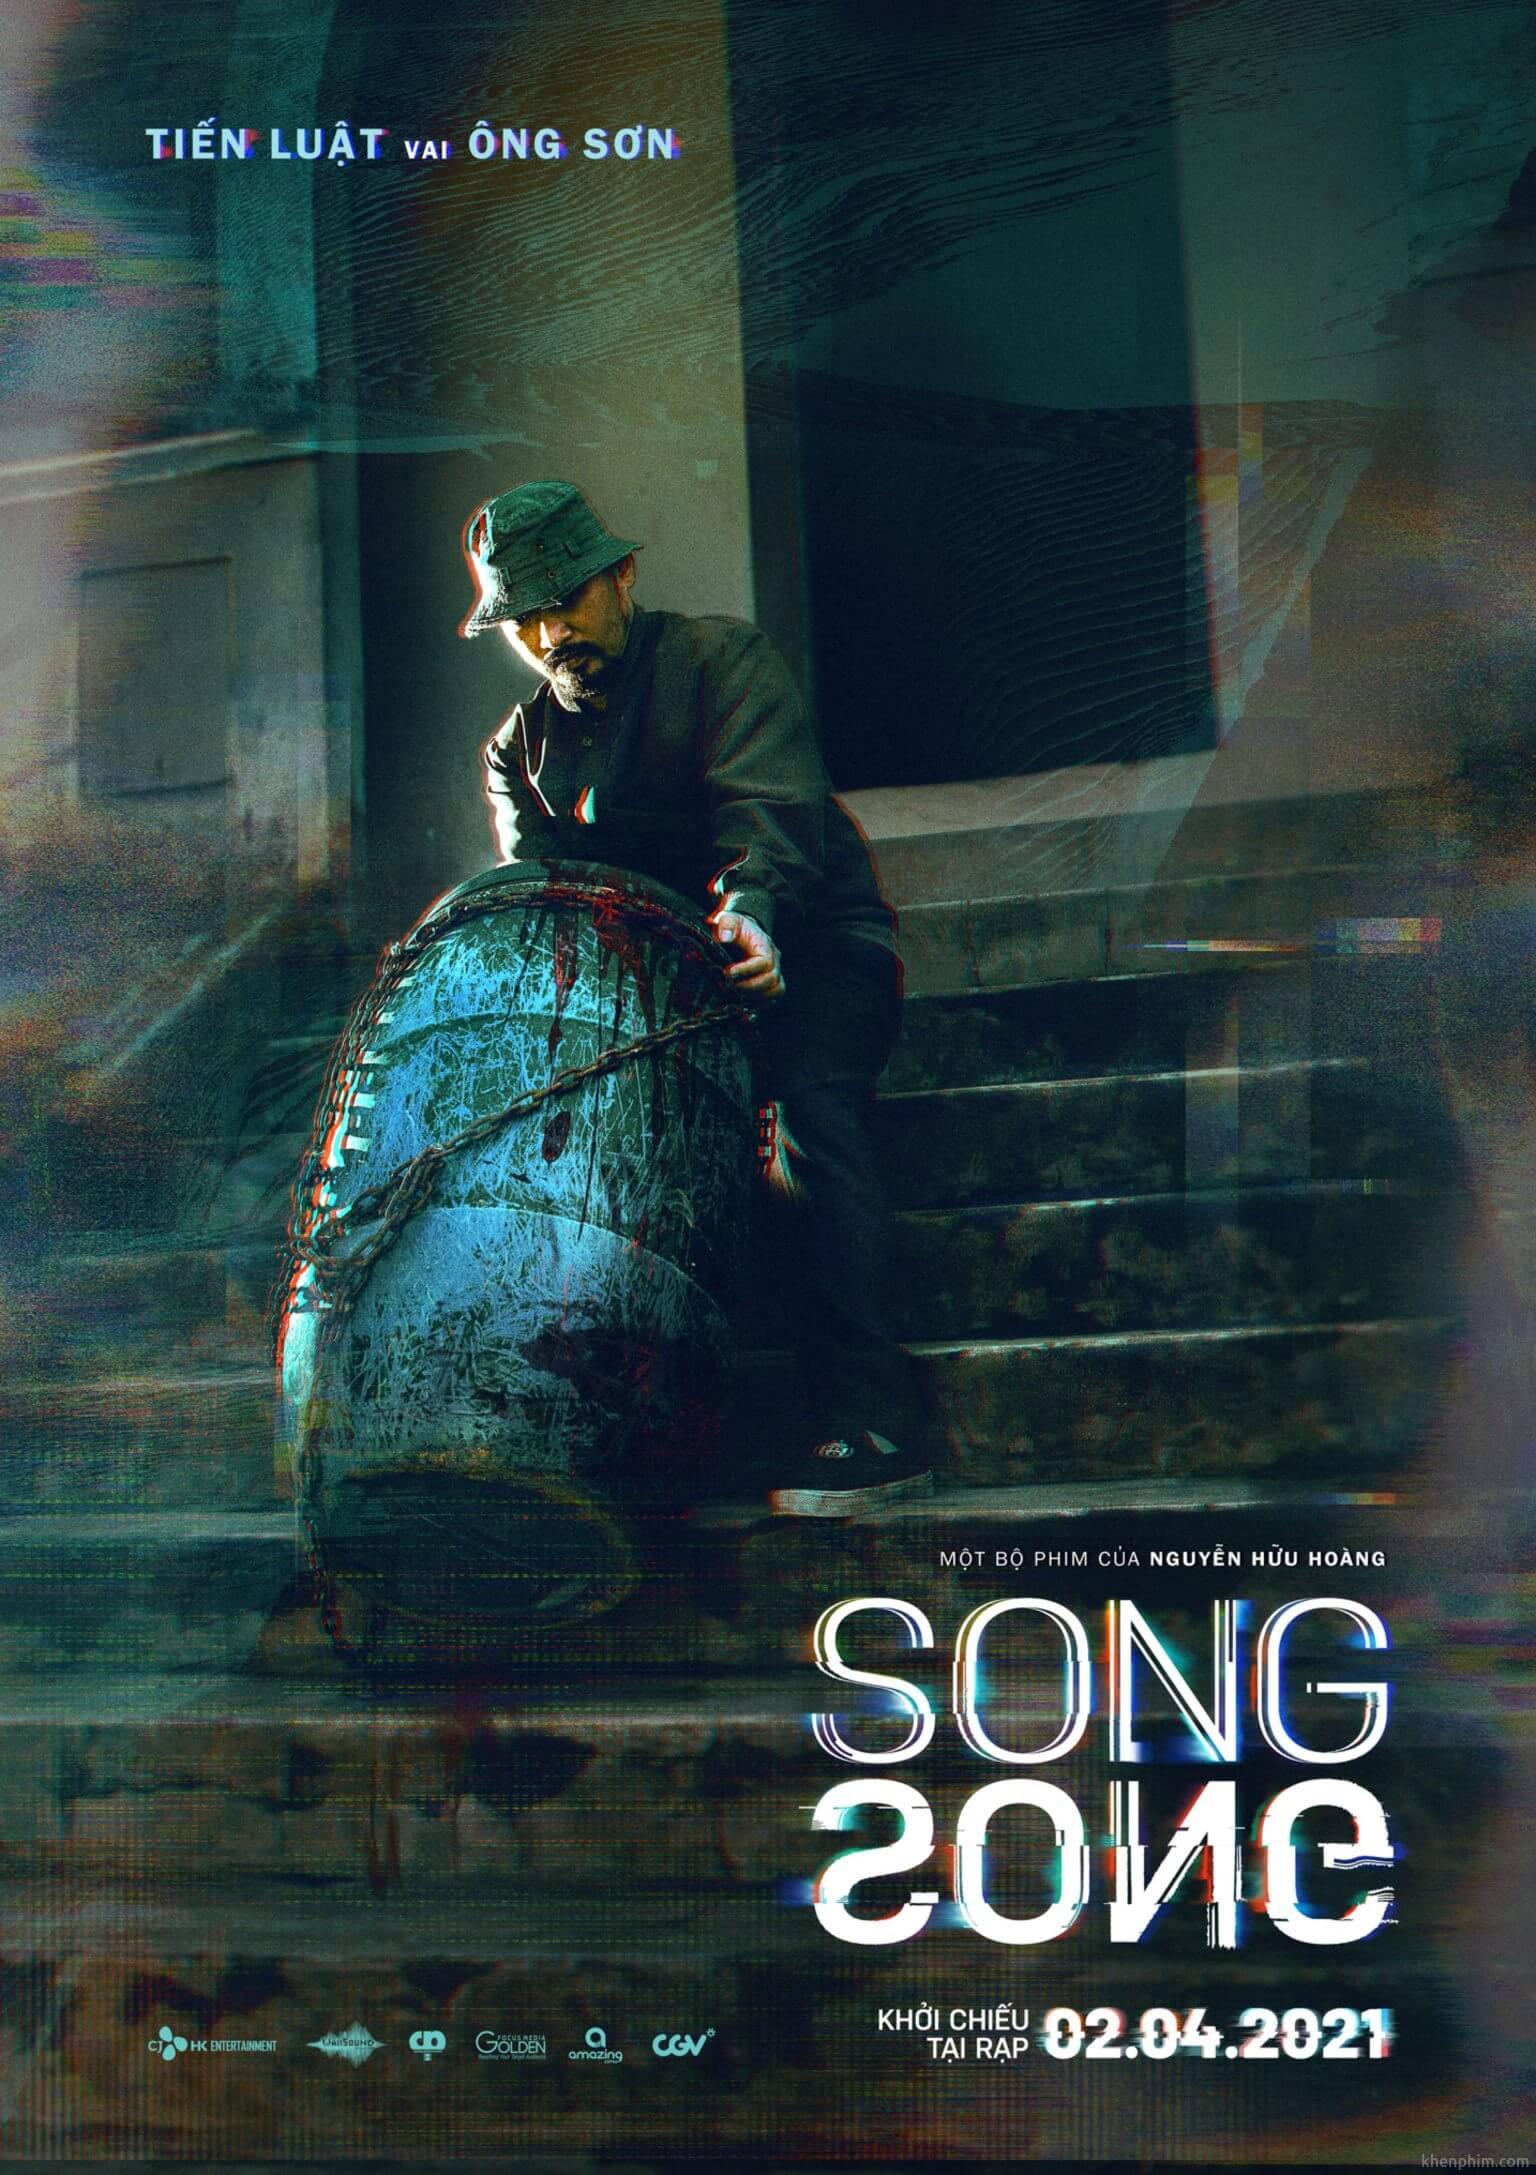 Tiến Luật vào vai kẻ sát nhân trong phim Song Song